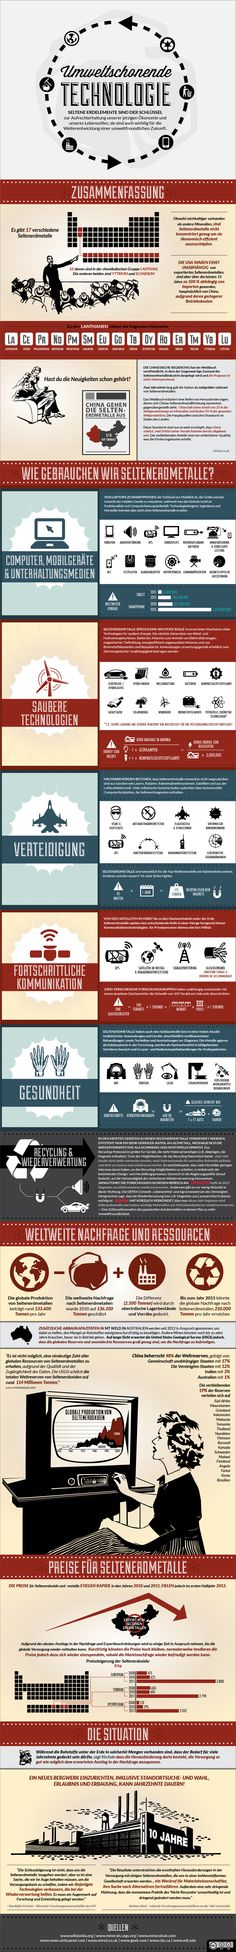 Infografik: Warum Seltene Erden nicht knapp werden - WiWo Green